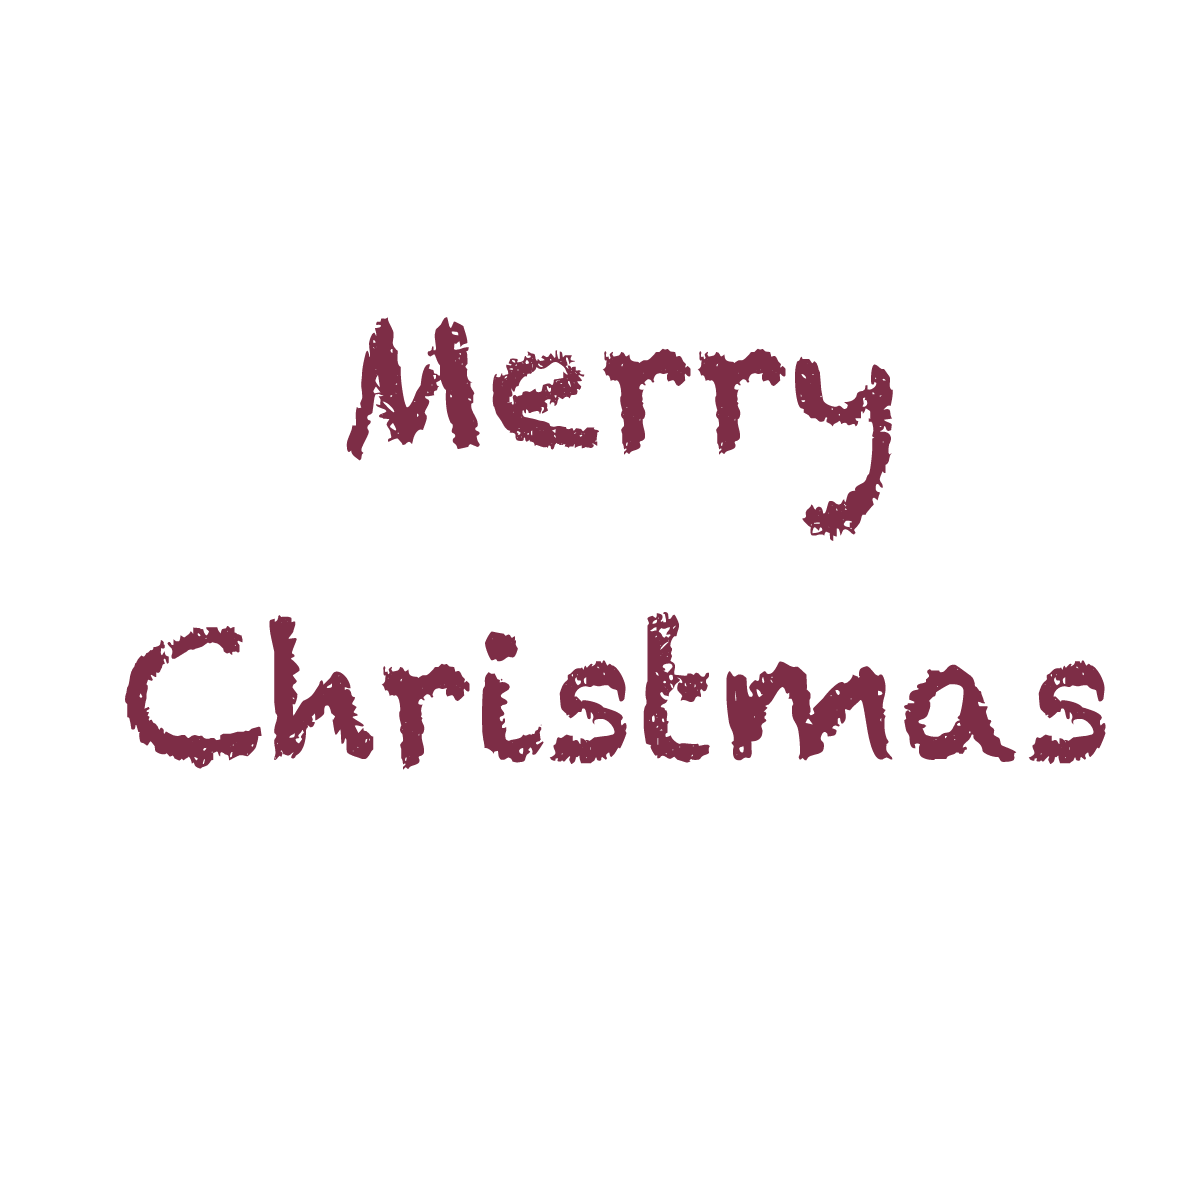 クレヨンタッチのメリークリスマス文字 無料イラスト イラストareira